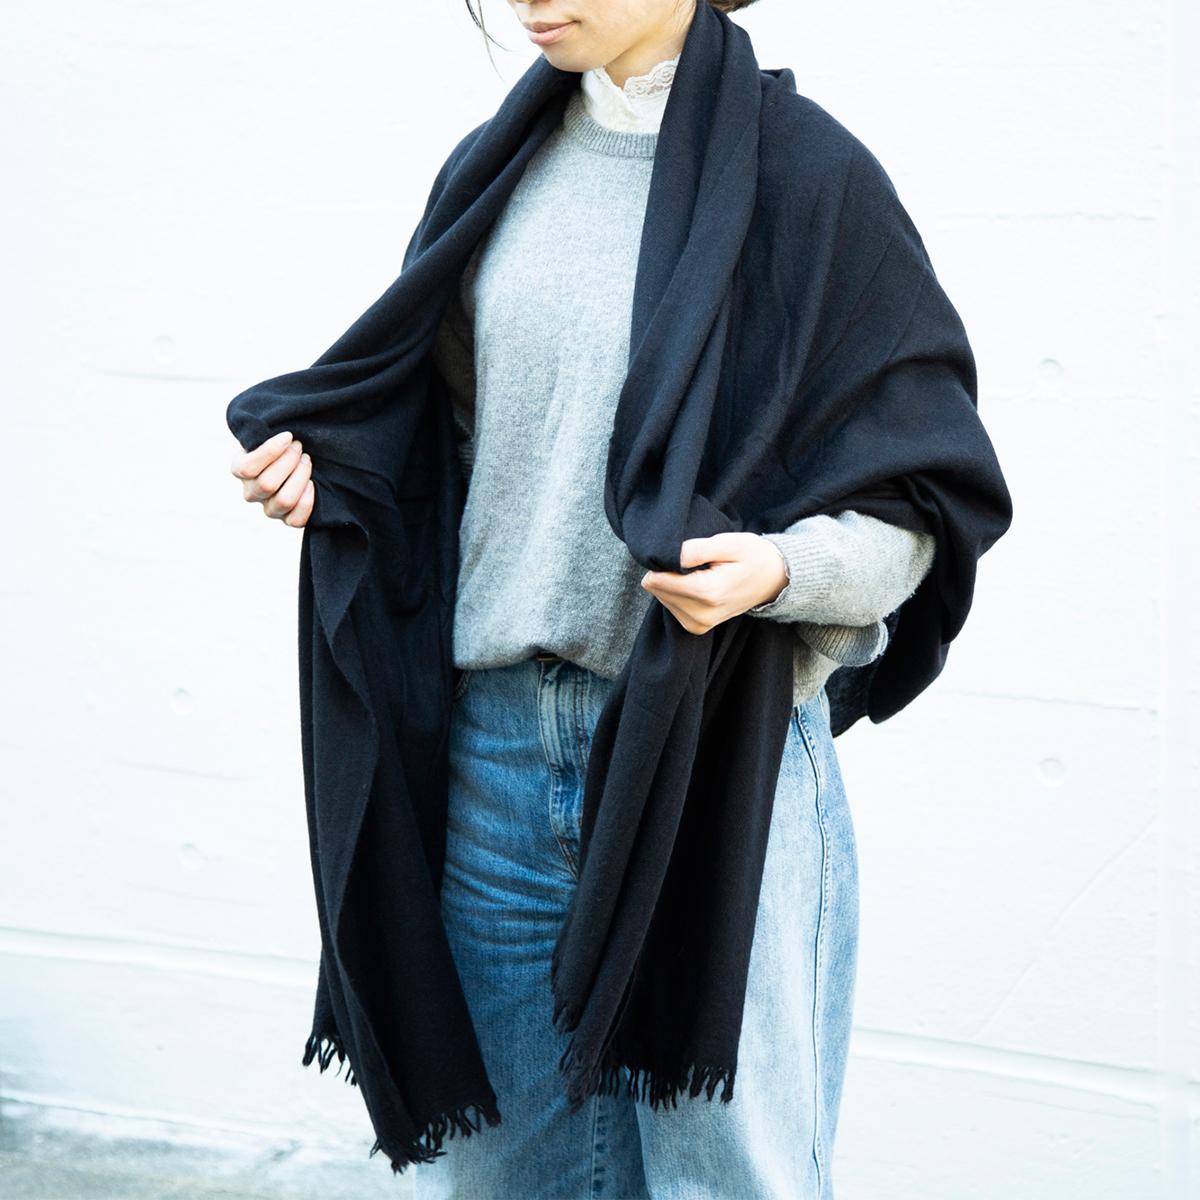 無造作に羽織ってもお洒落で上品。上質なクオリティなのにリーズナブルな超大判カシミアストール|ADOS(エイドス)curum